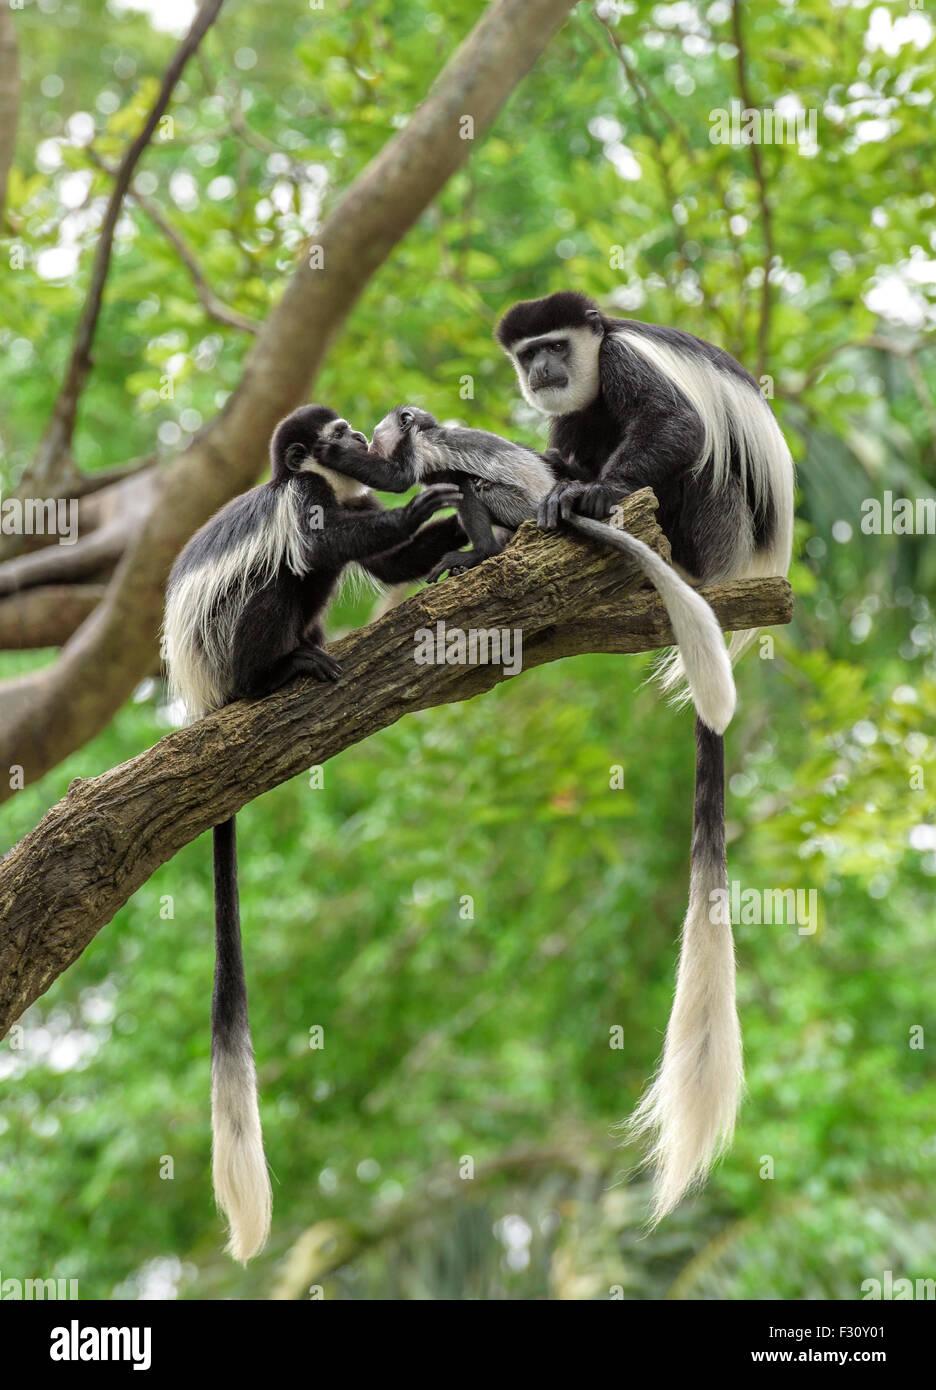 Famiglia di Black and White Colobus scimmie seduto su un albero nella foresta pluviale Immagini Stock